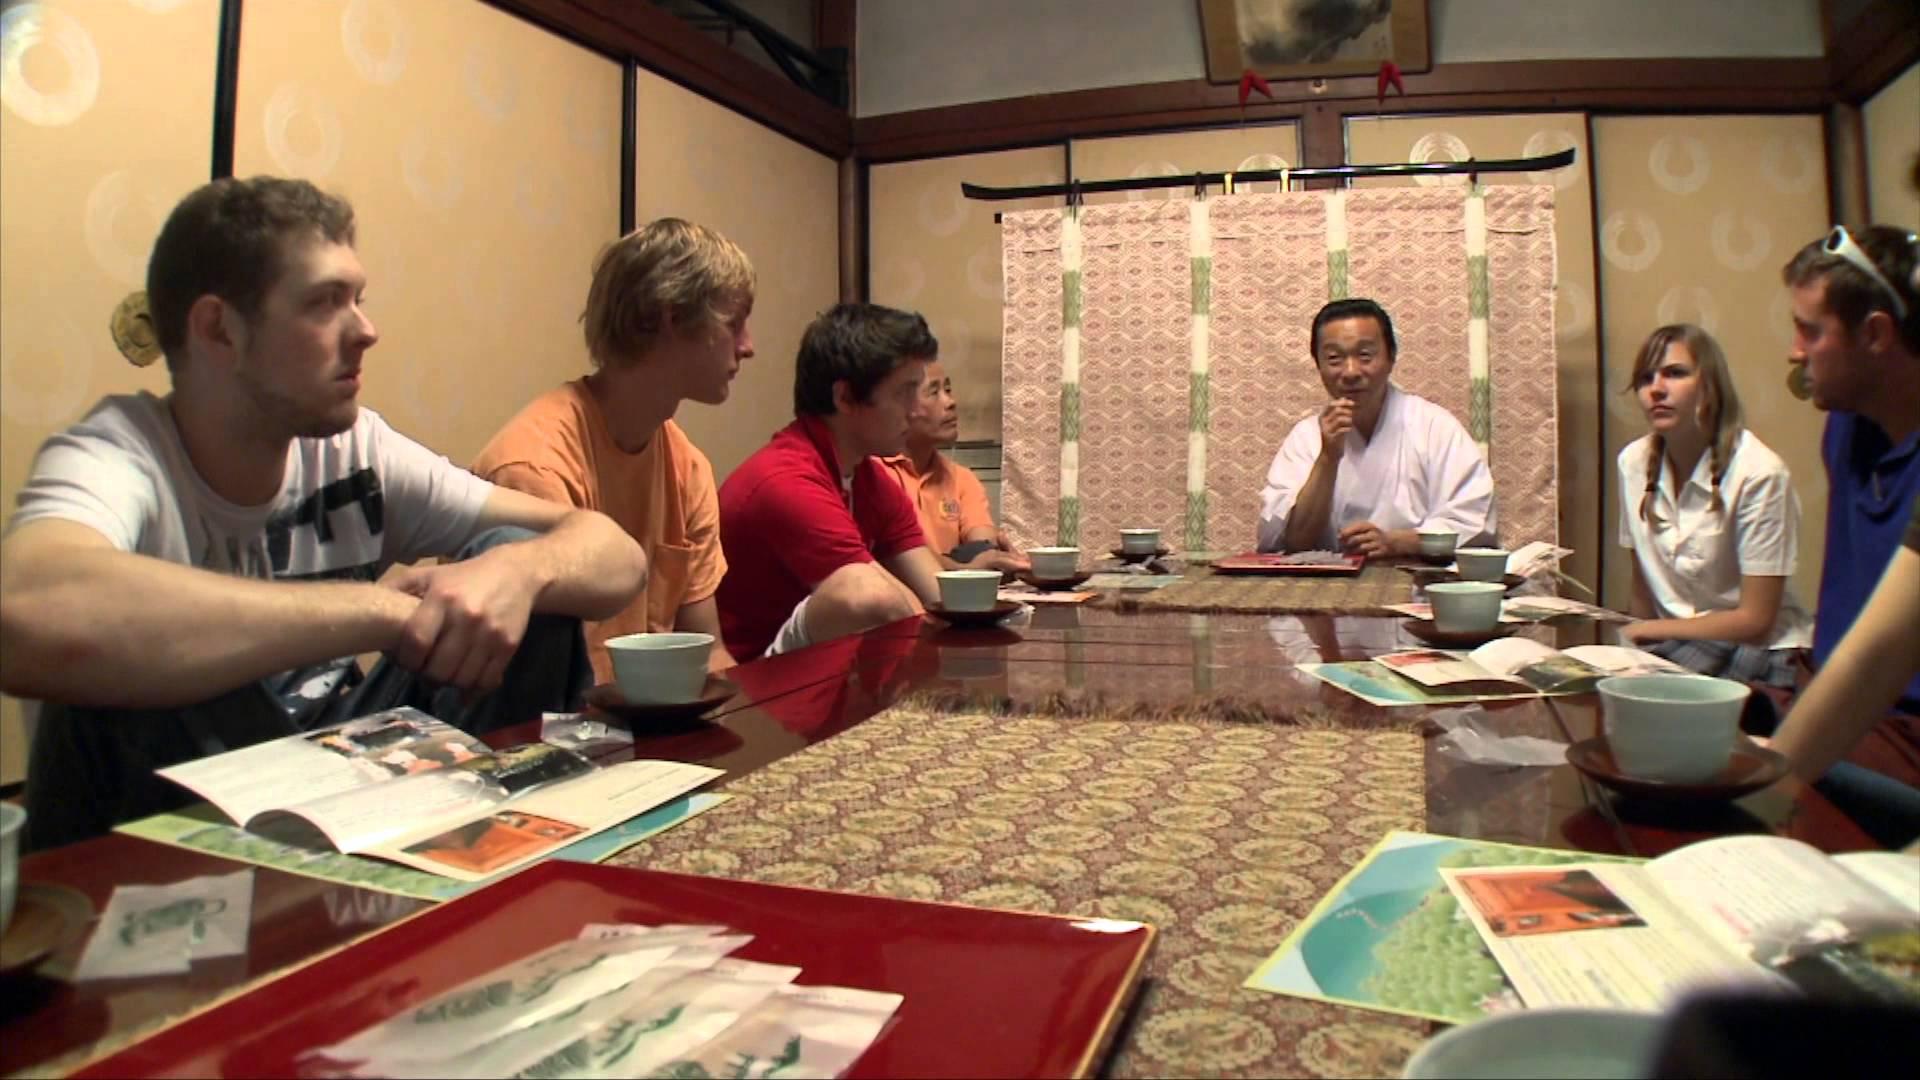 Du học Châu Á - Nhật Bản - Ảnh (C) Internet